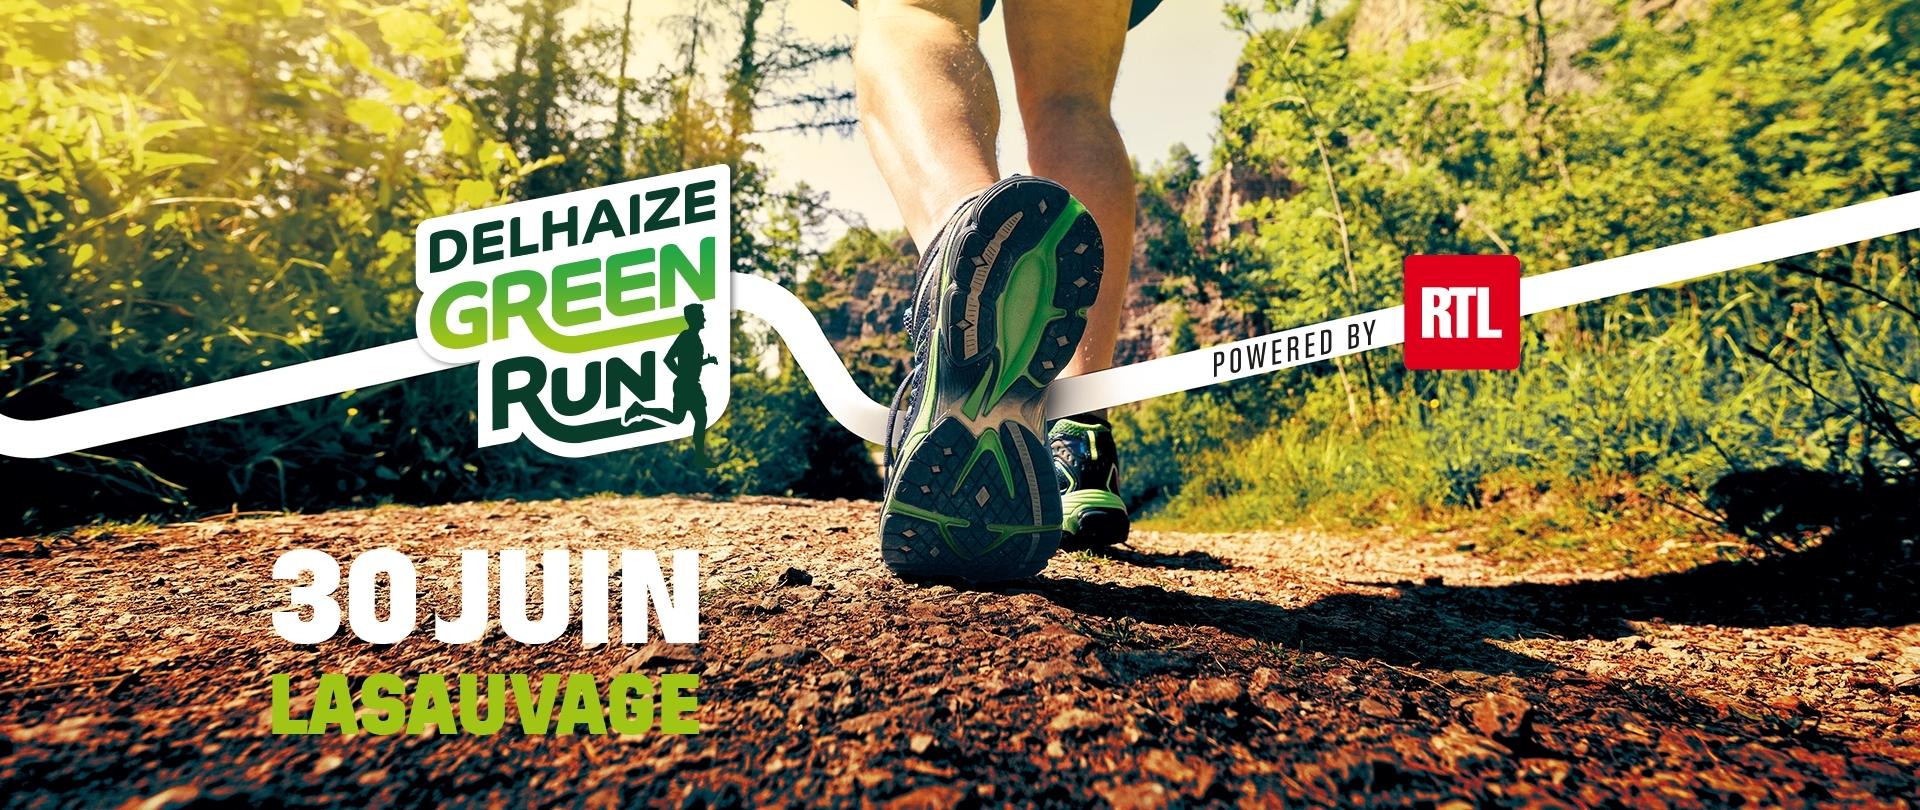 DELHAIZE GREEN RUN